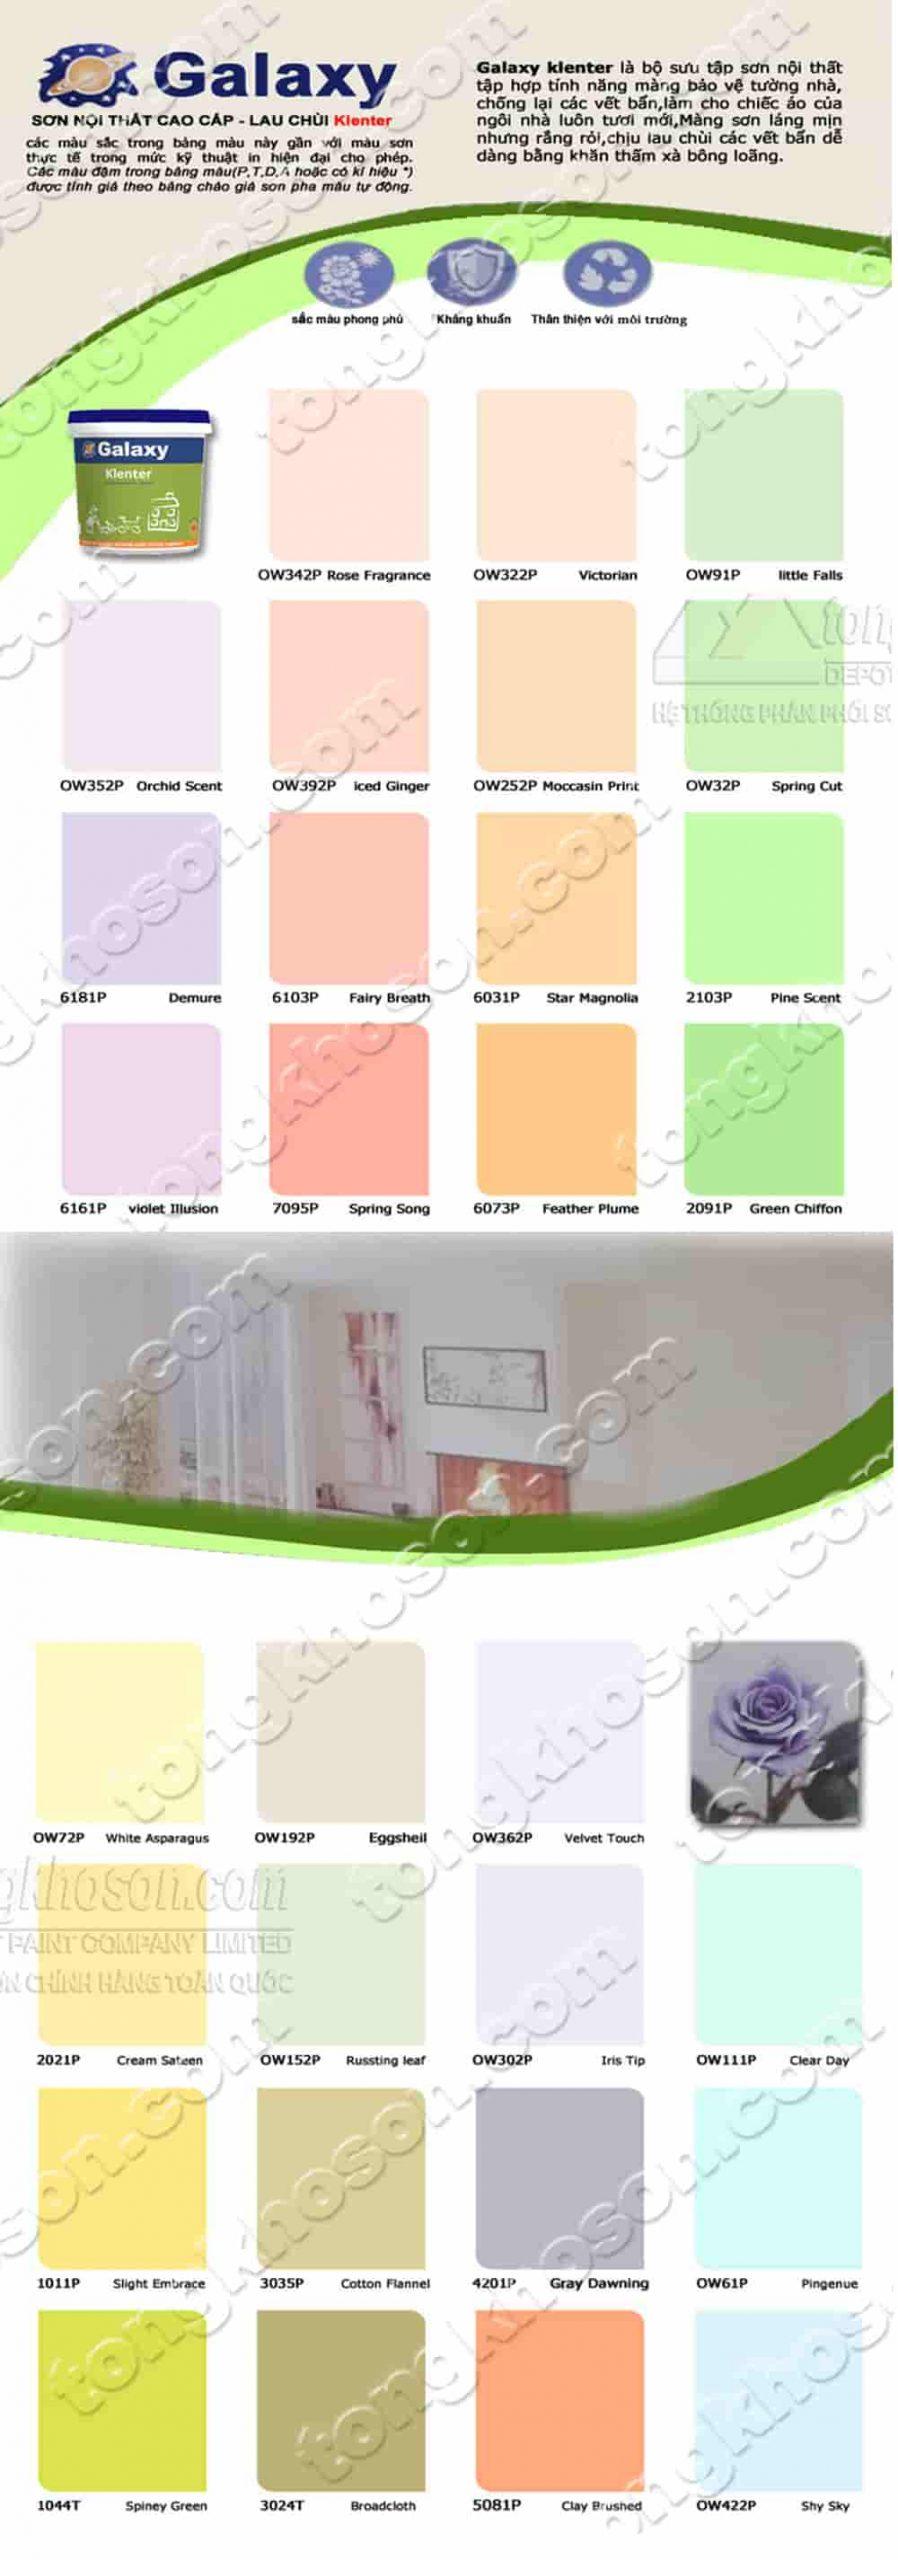 Bảng màu sơn nướcGalaxy Klenter nội thất lau chùi